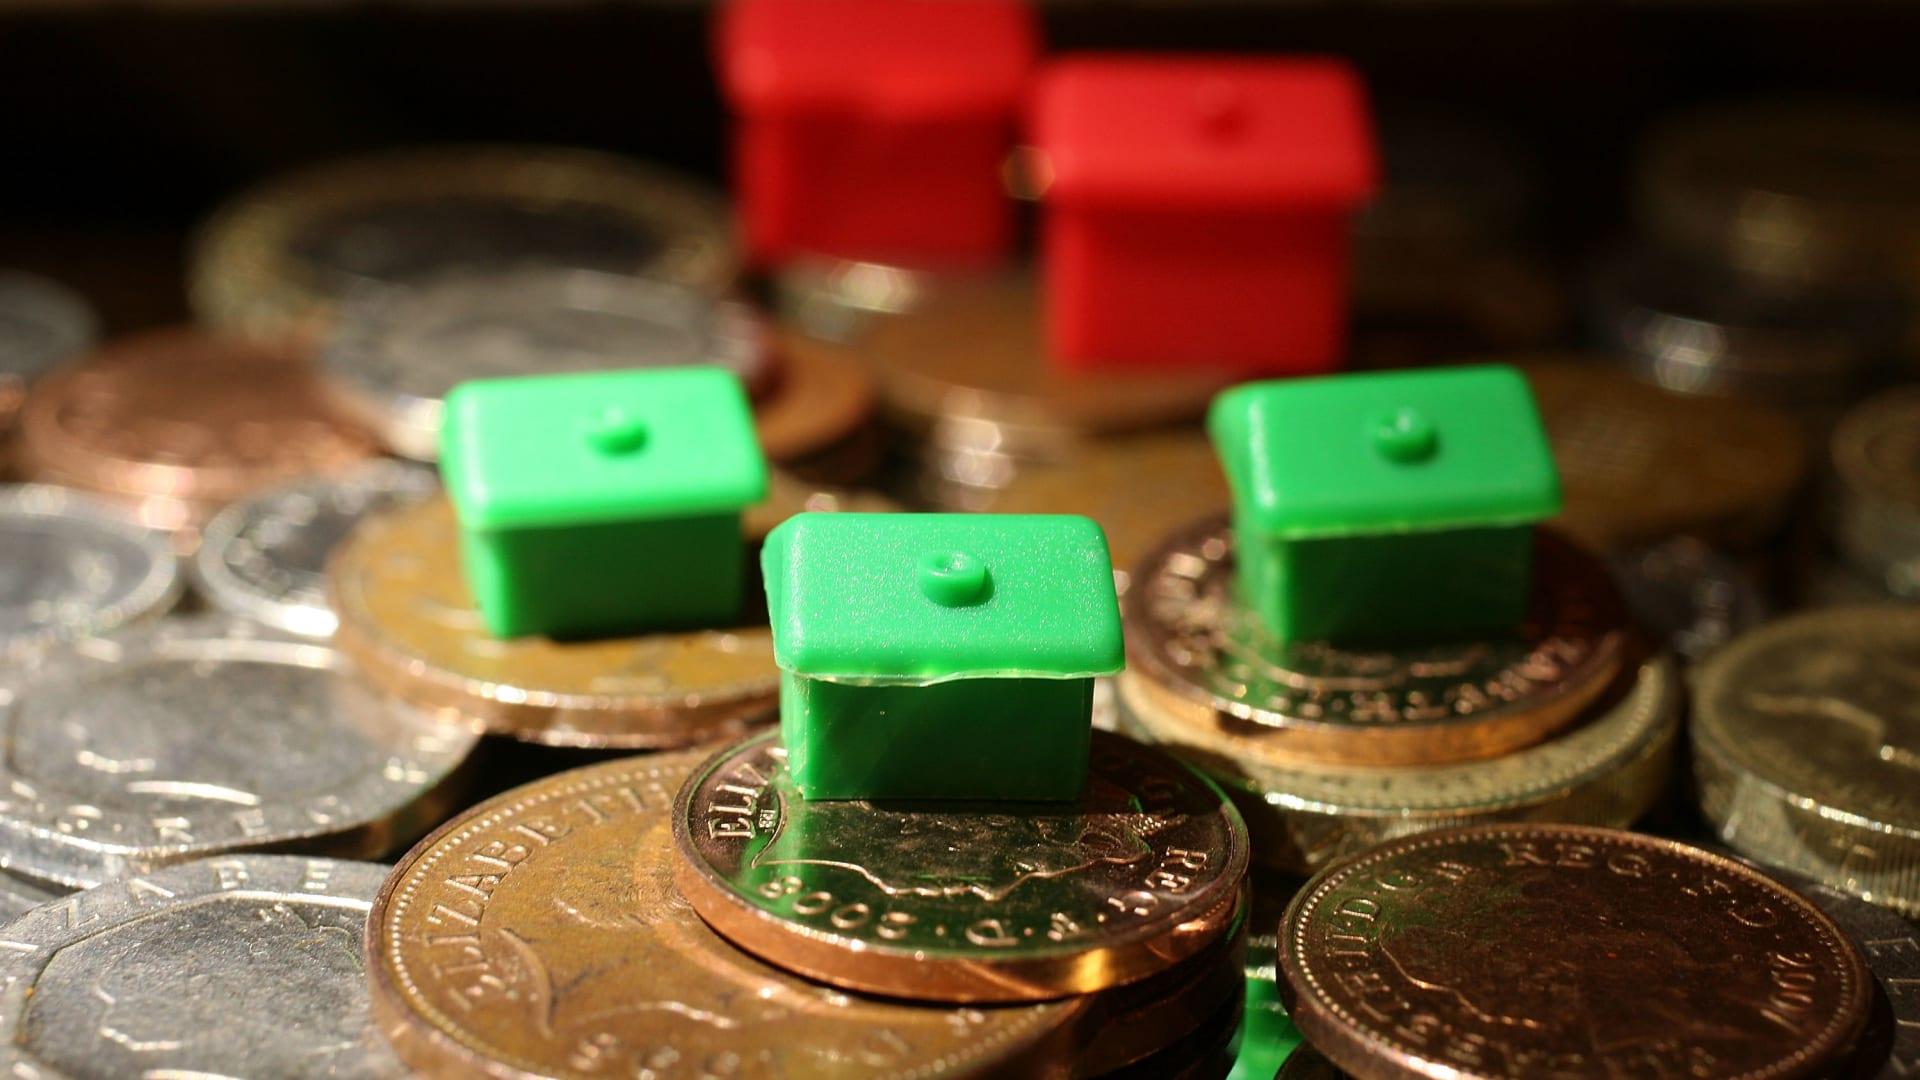 الصيرفة الخضراء.. عندما تشارك البنوك في الحفاظ على البيئة